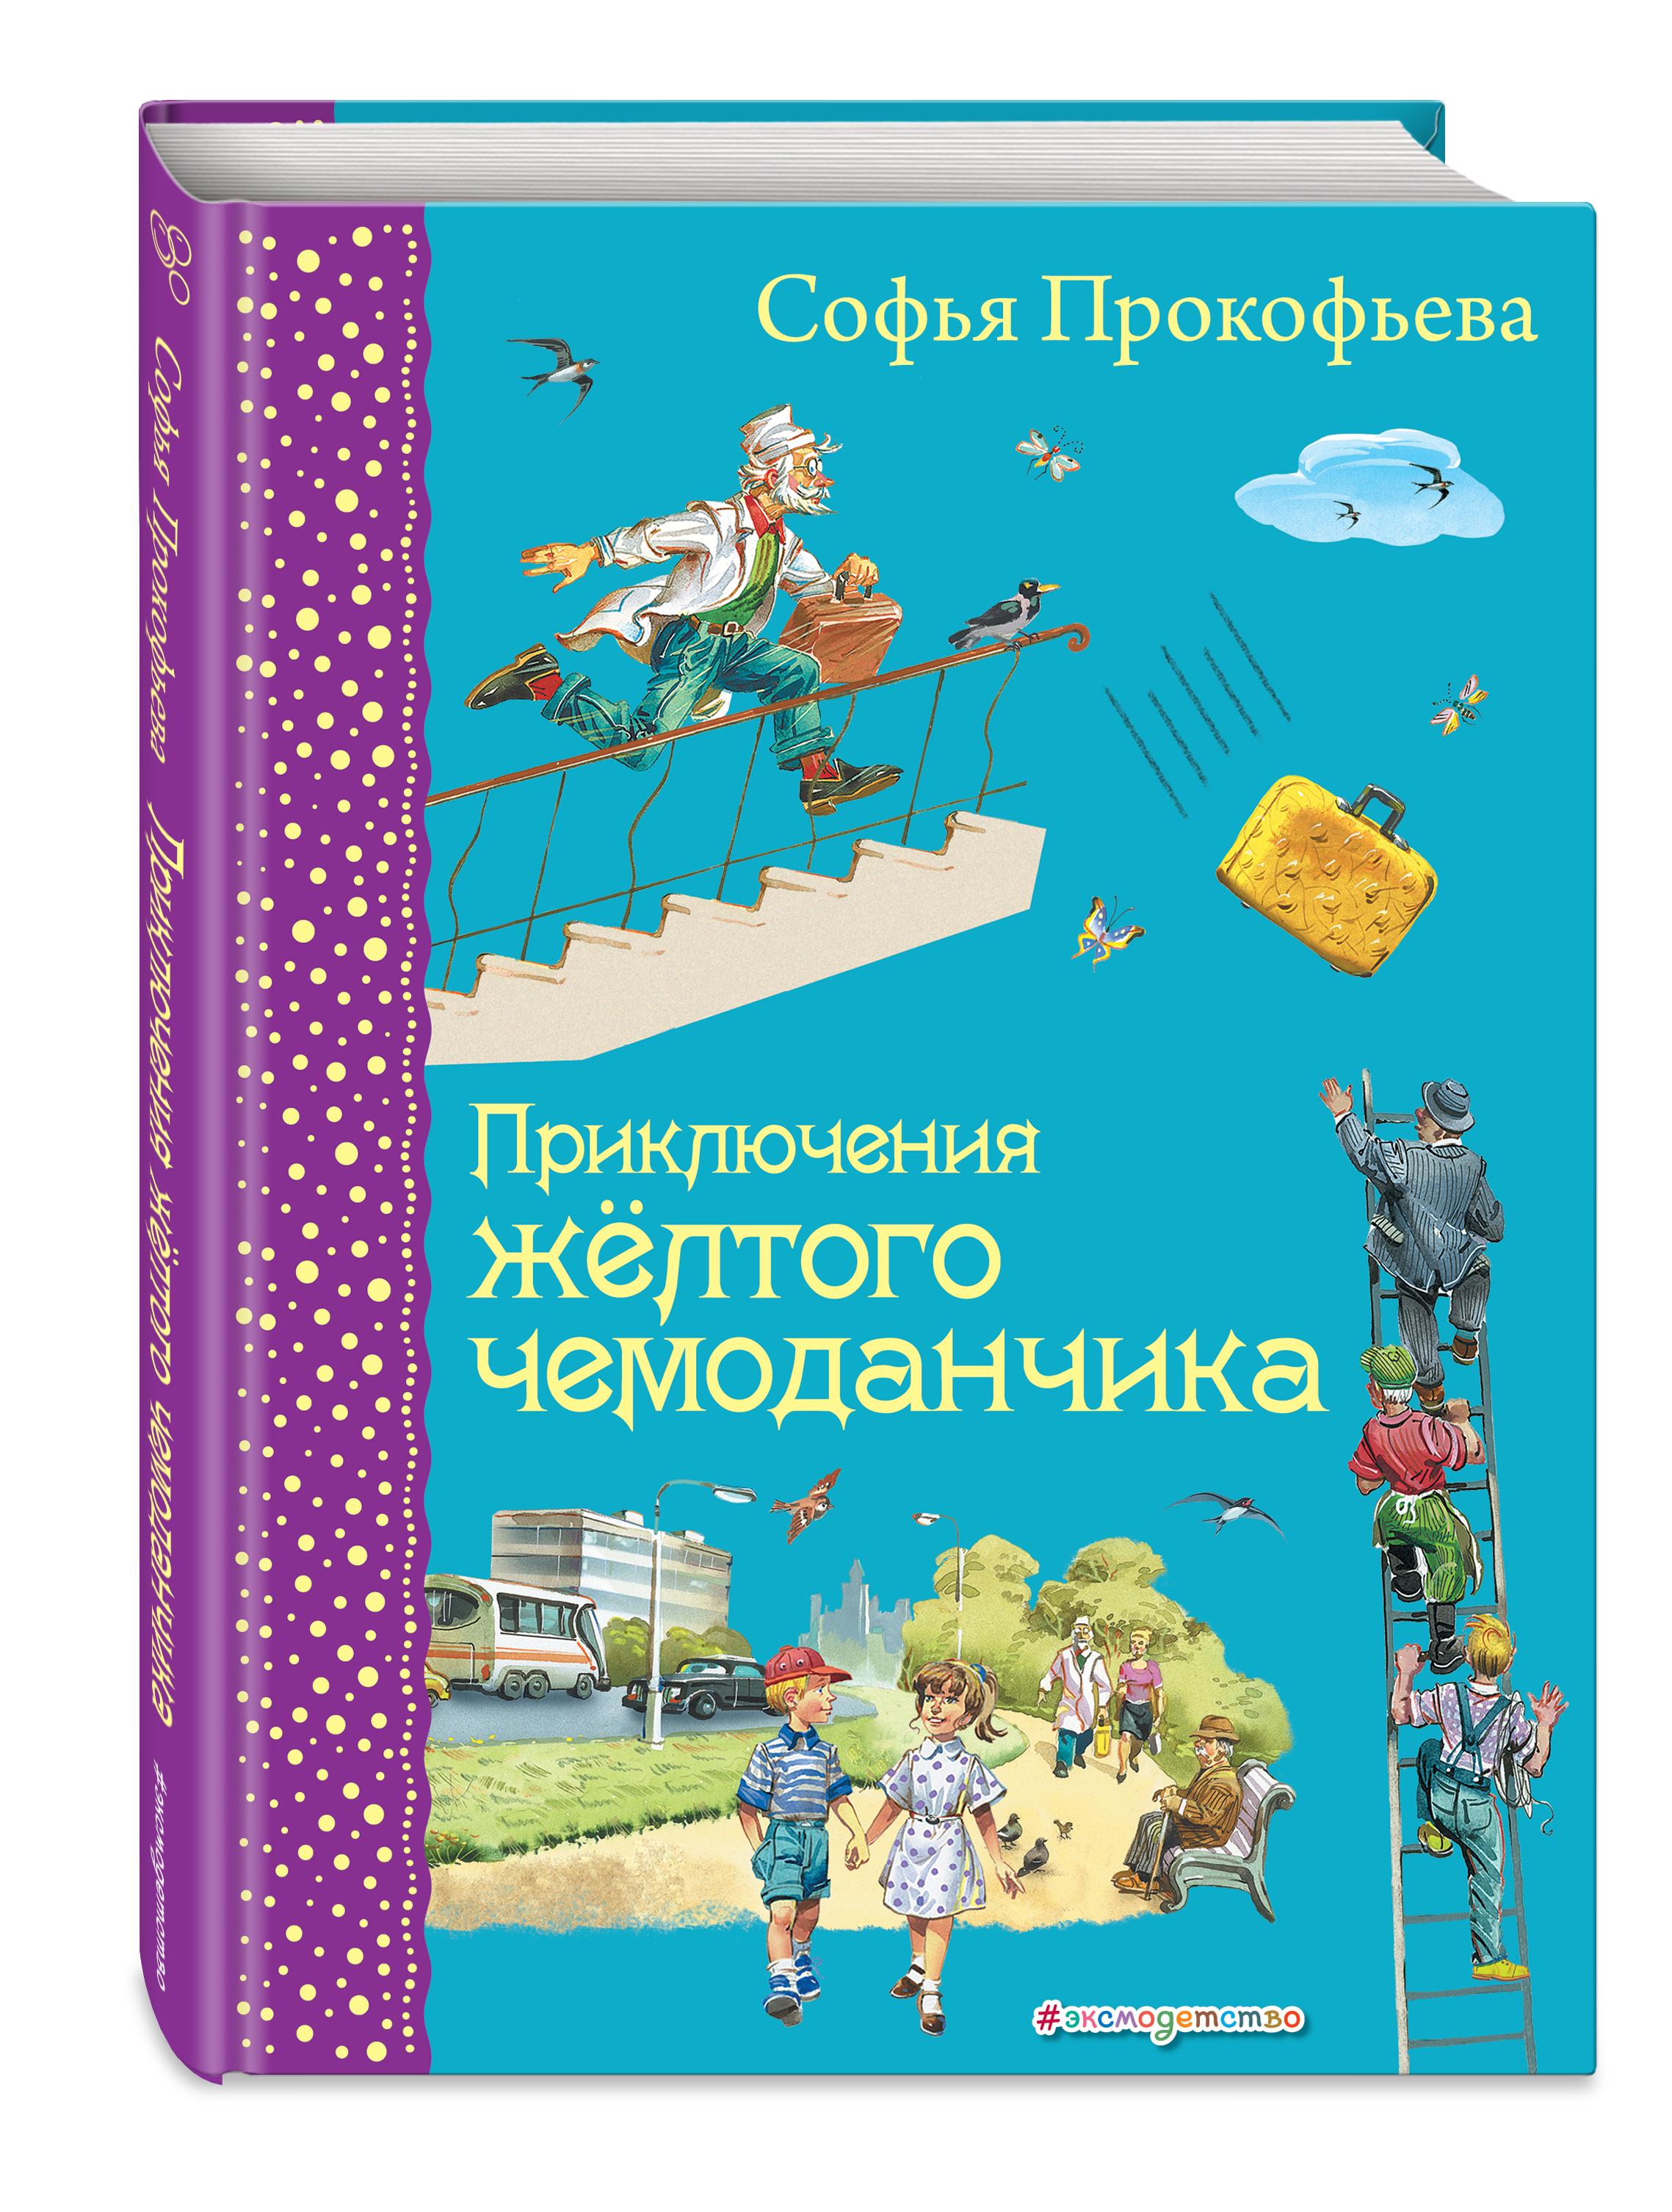 Софья Прокофьева Приключения желтого чемоданчика (ил. В. Канивца) цена